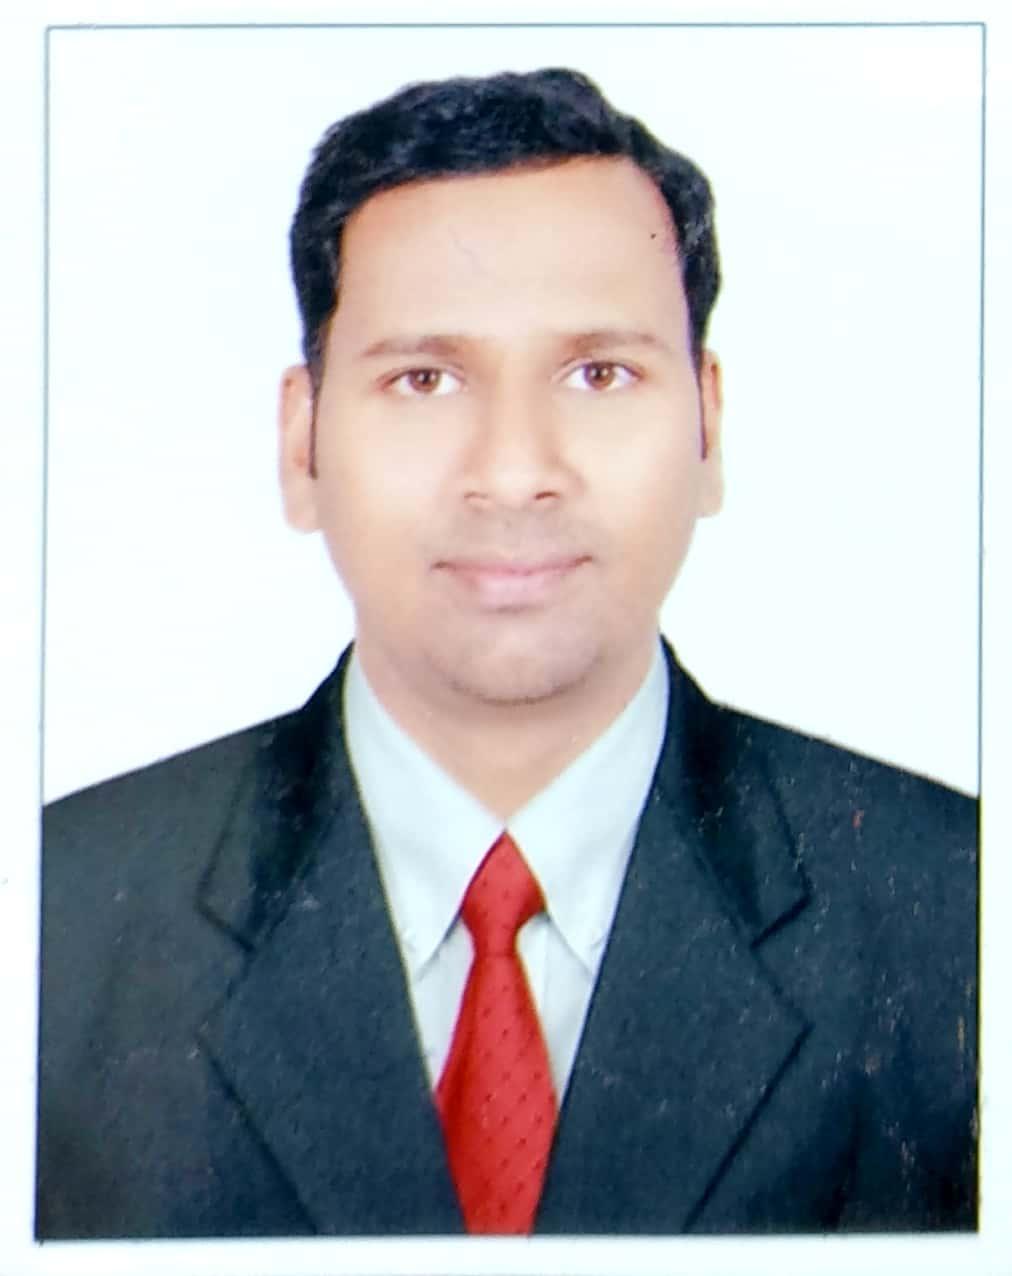 Shankar Rao Patil